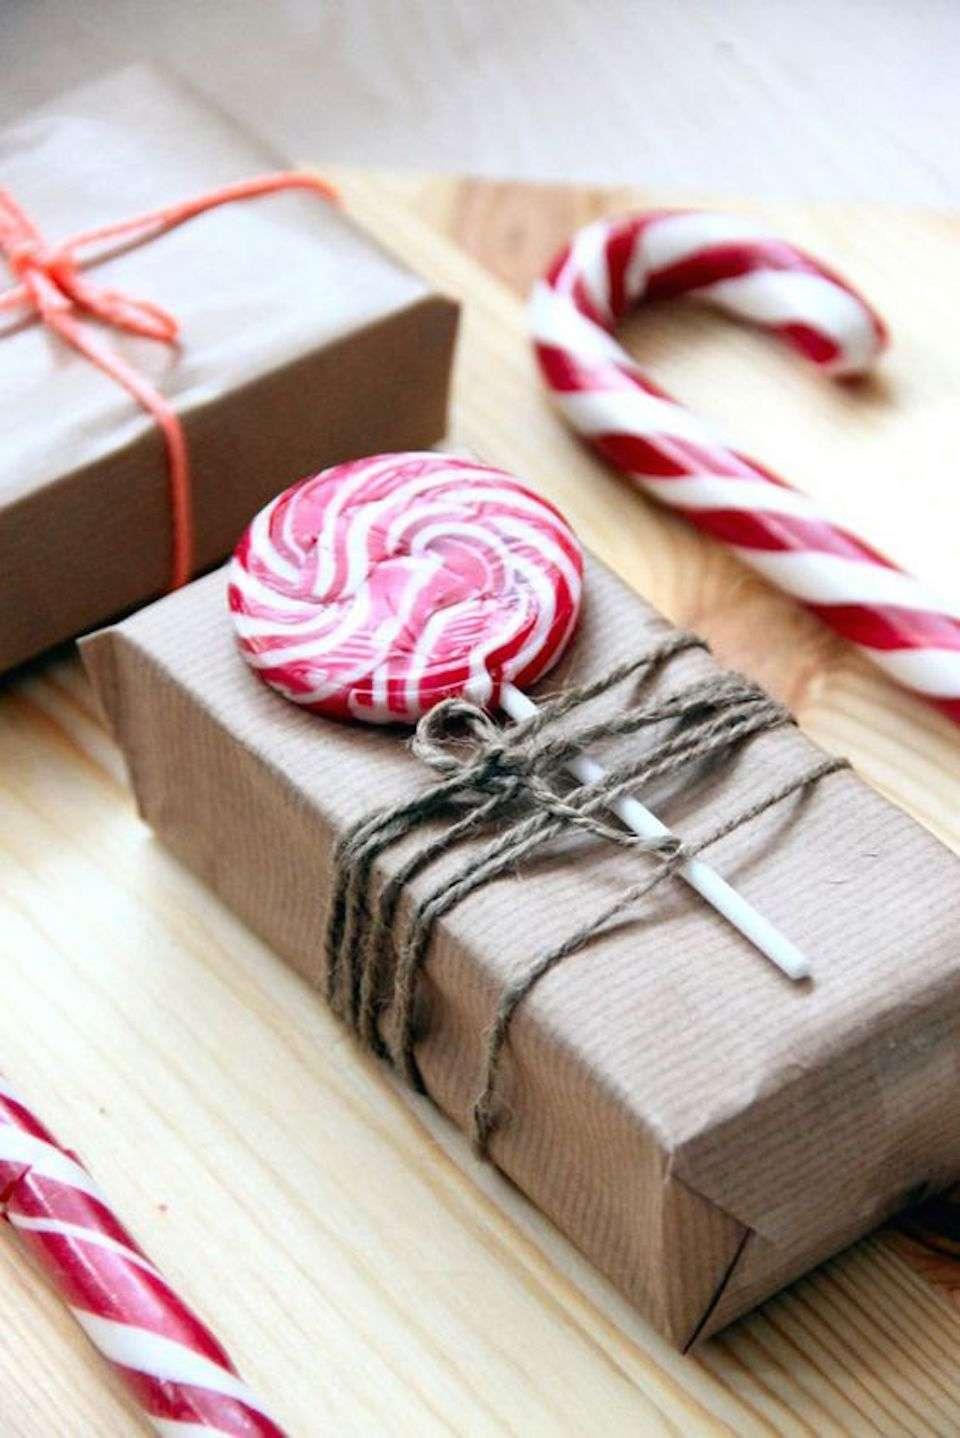 envolver regalos con dulces